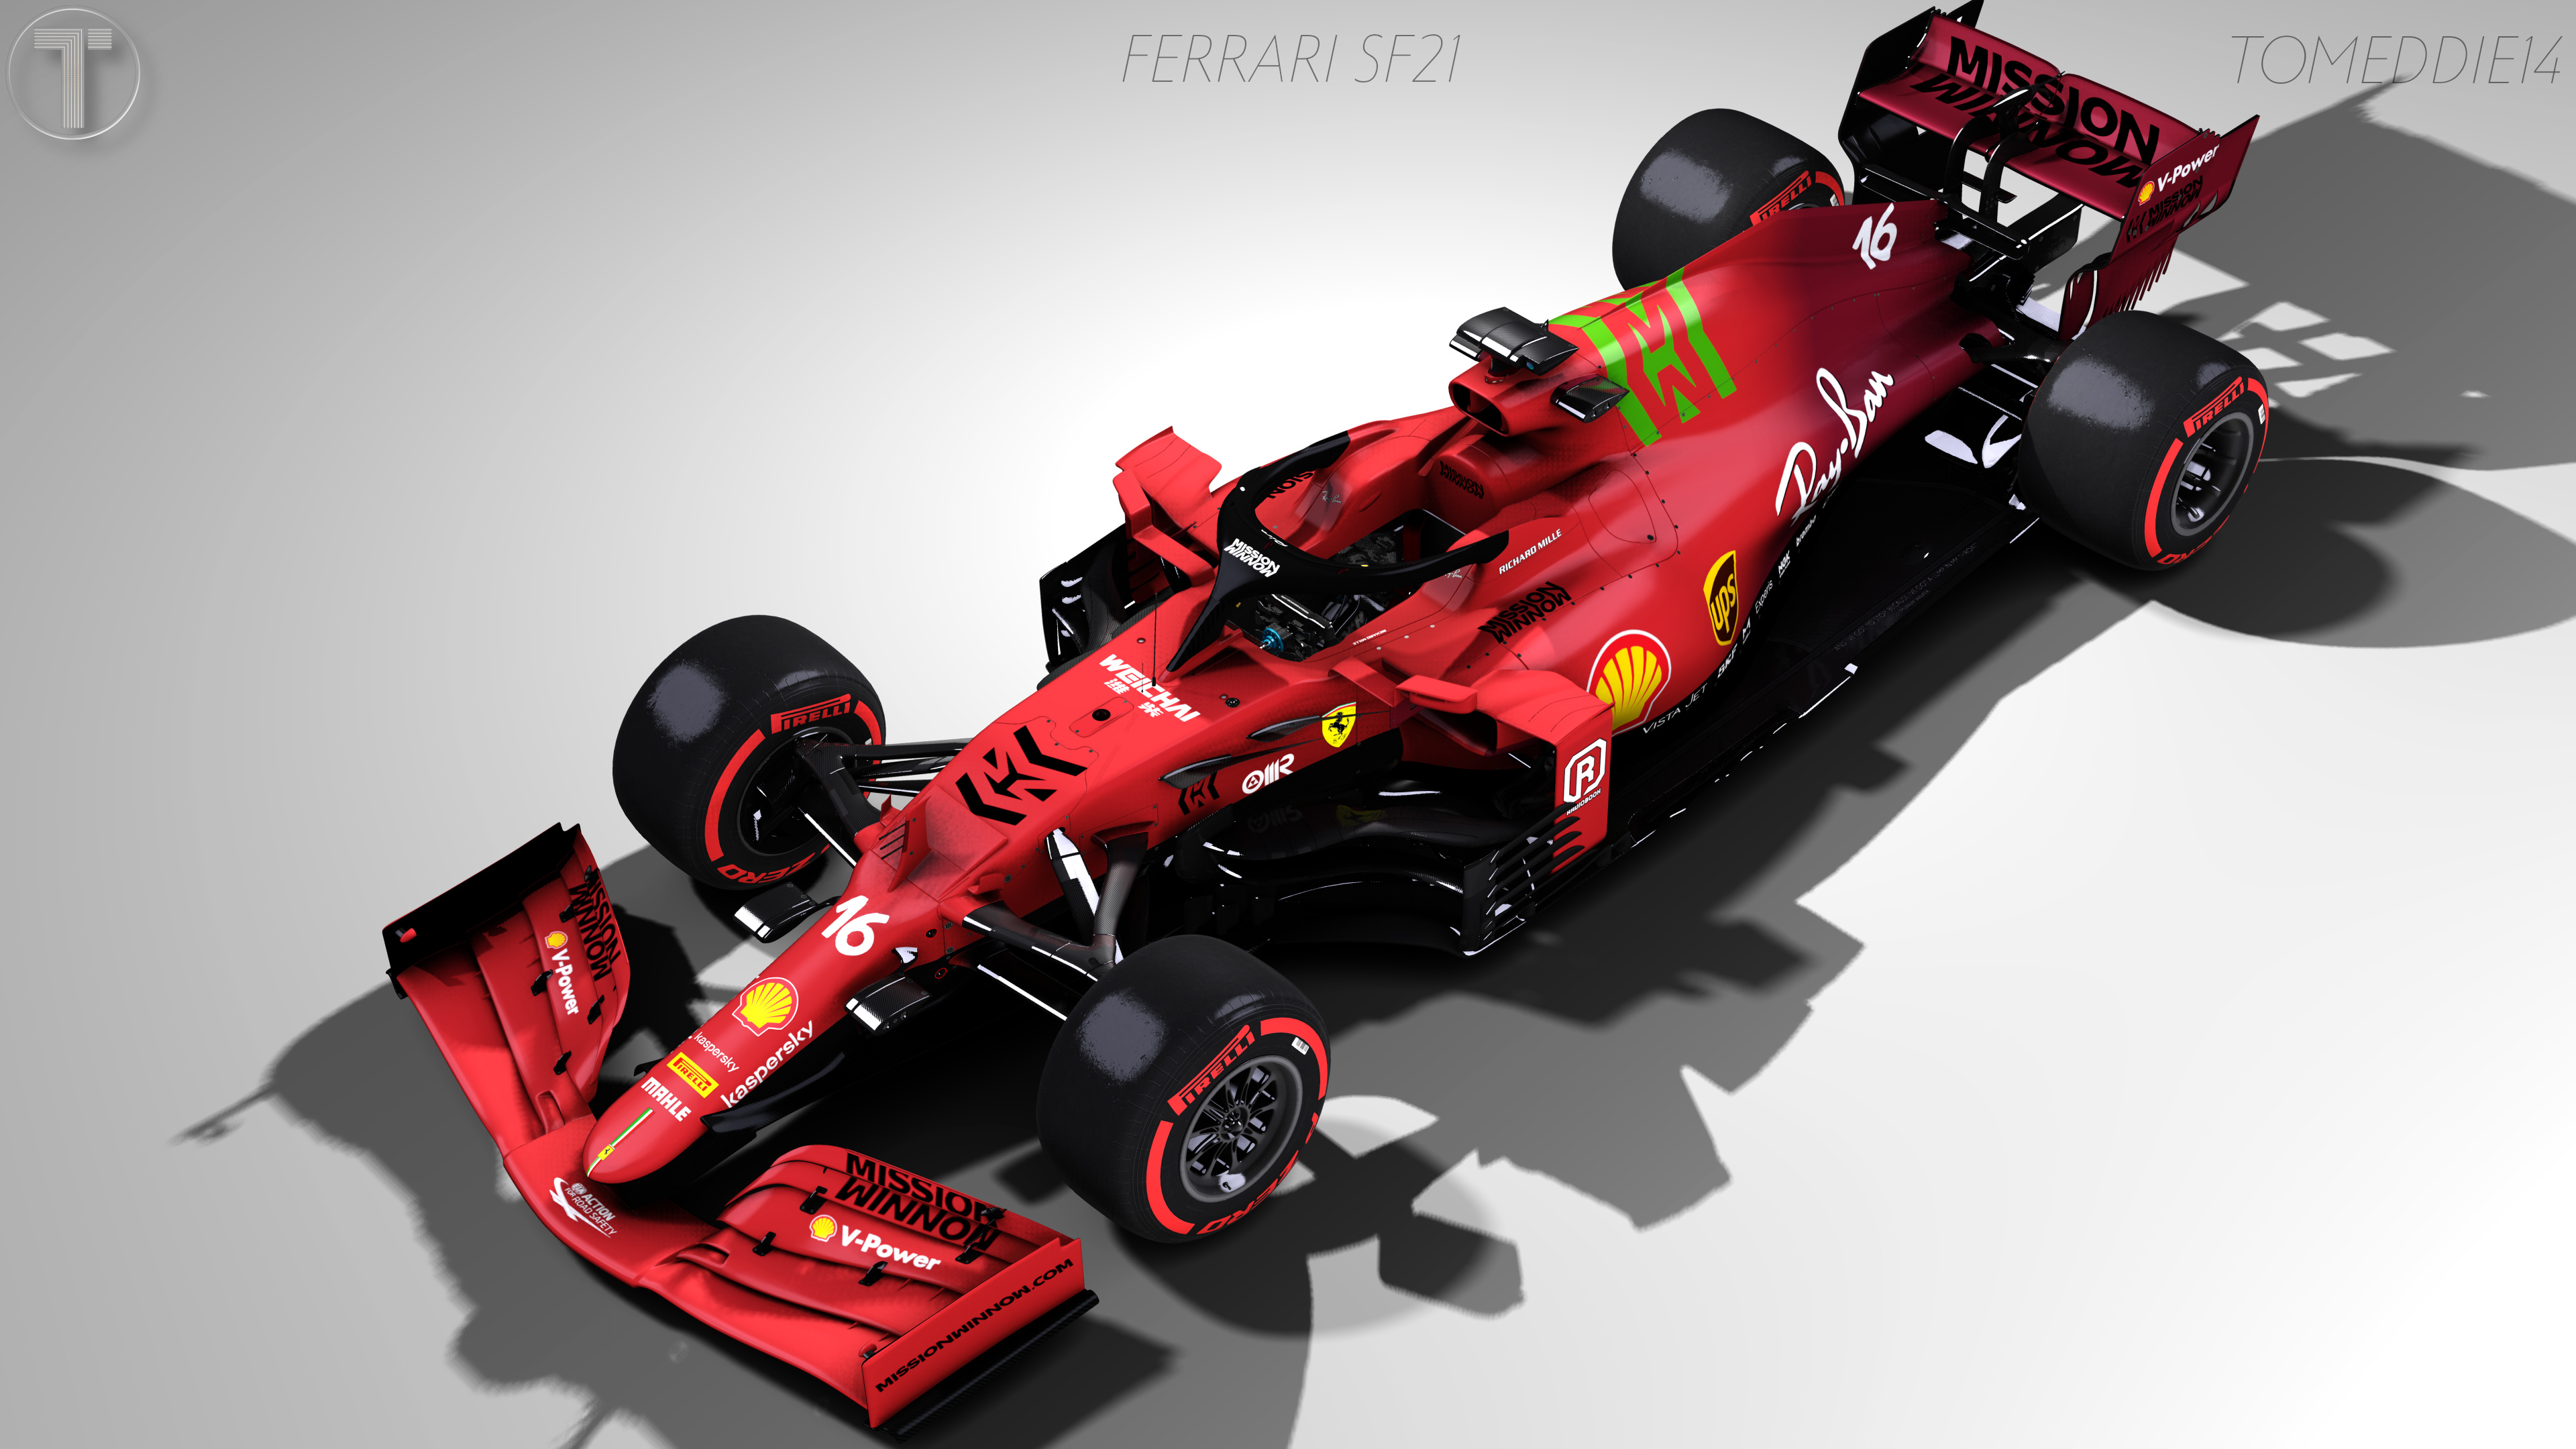 Ferrari SF21_16.1.jpg